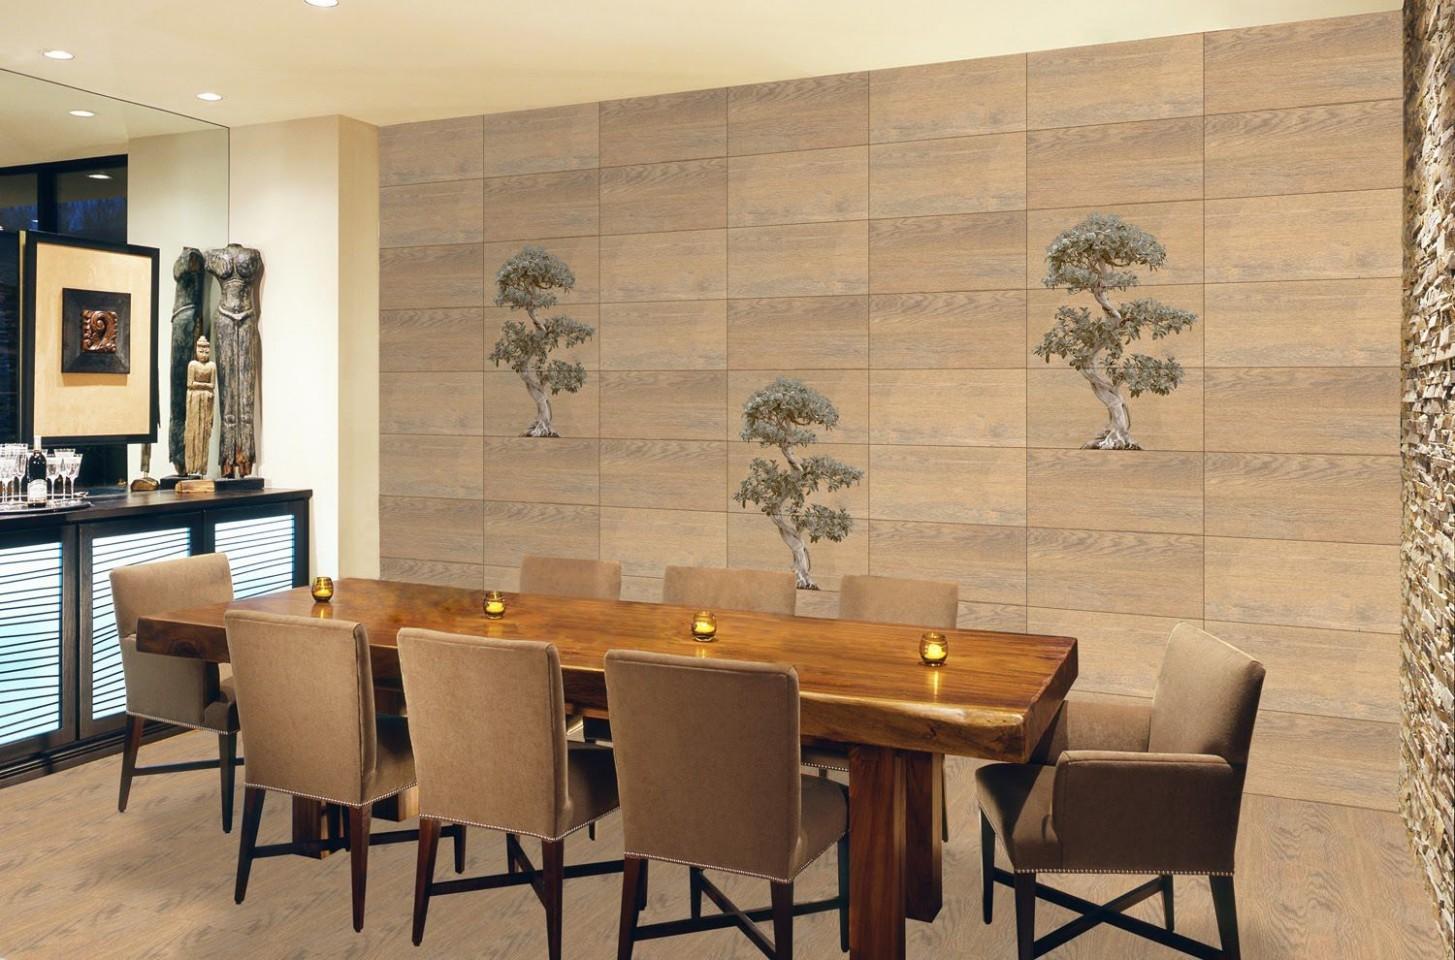 12+ Best Quarry Tiles Ideas - Decortez  Unique dining room  - Dining Room Tile Ideas